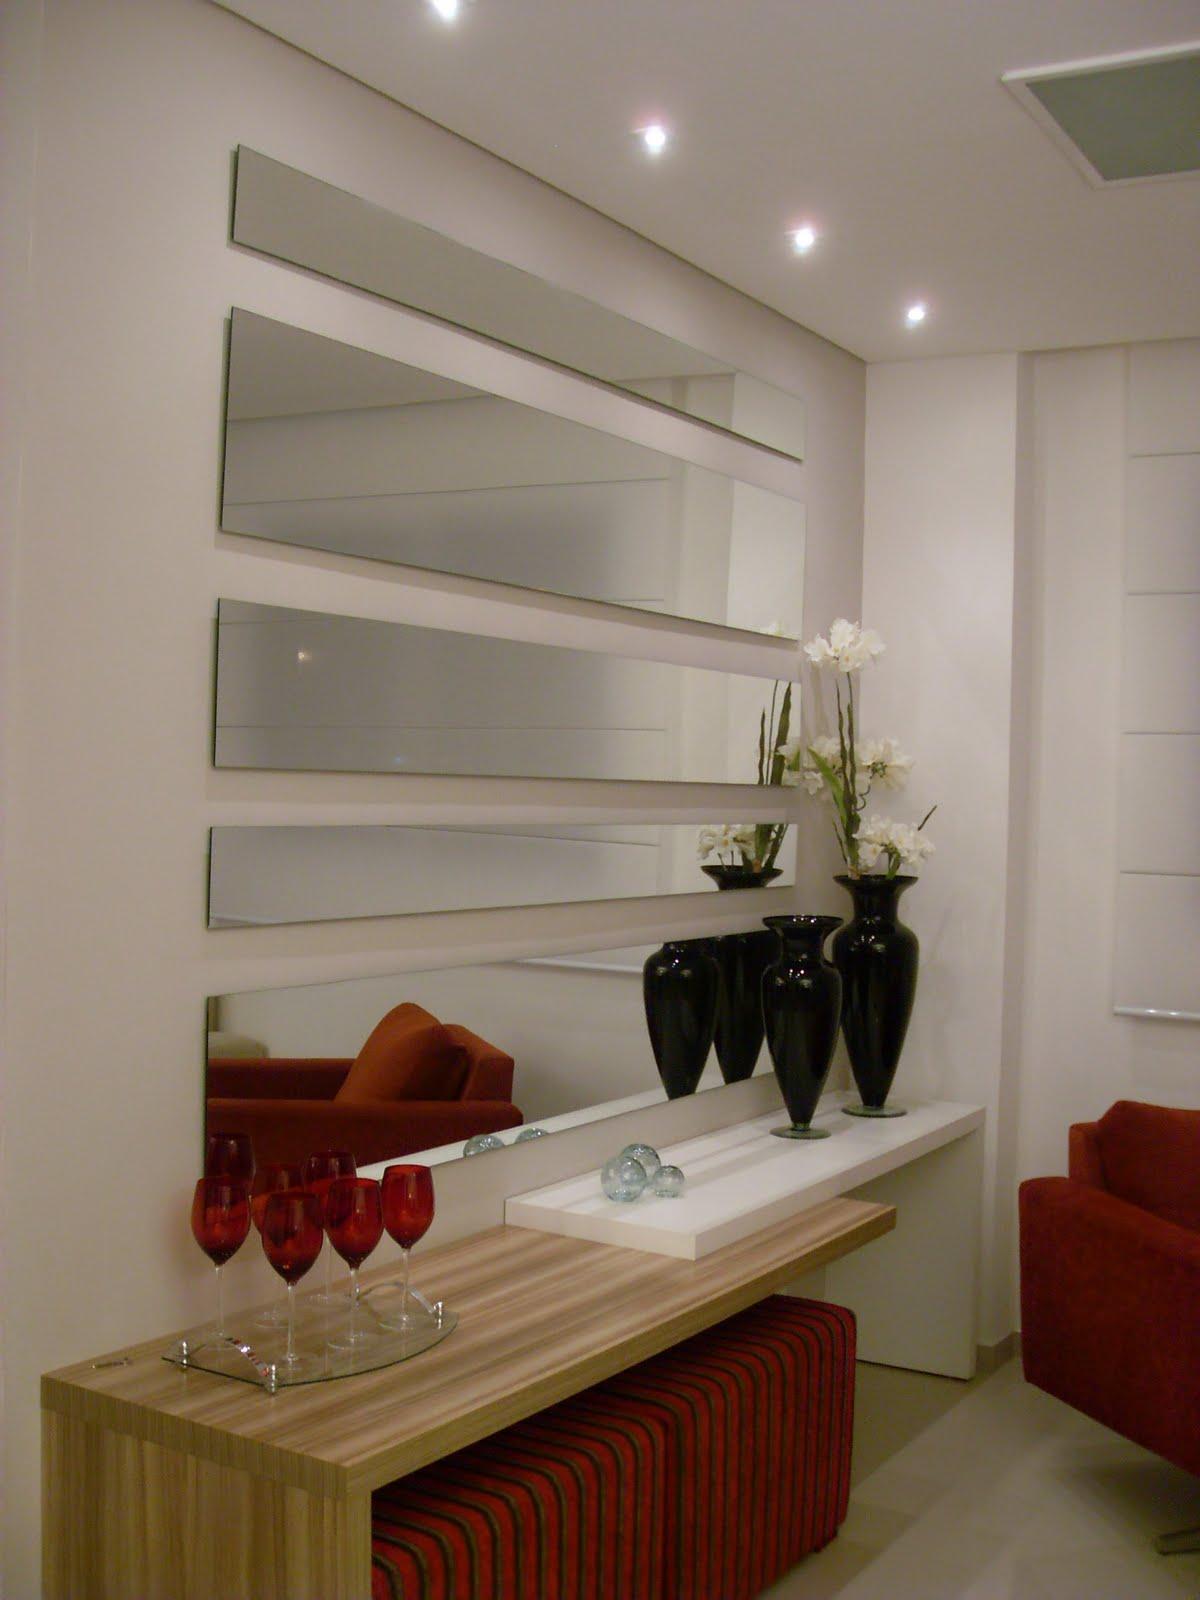 Arquivos Sem Categoria All About That Glass -> Sala De Jantar Com Painel De Madeira E Espelho